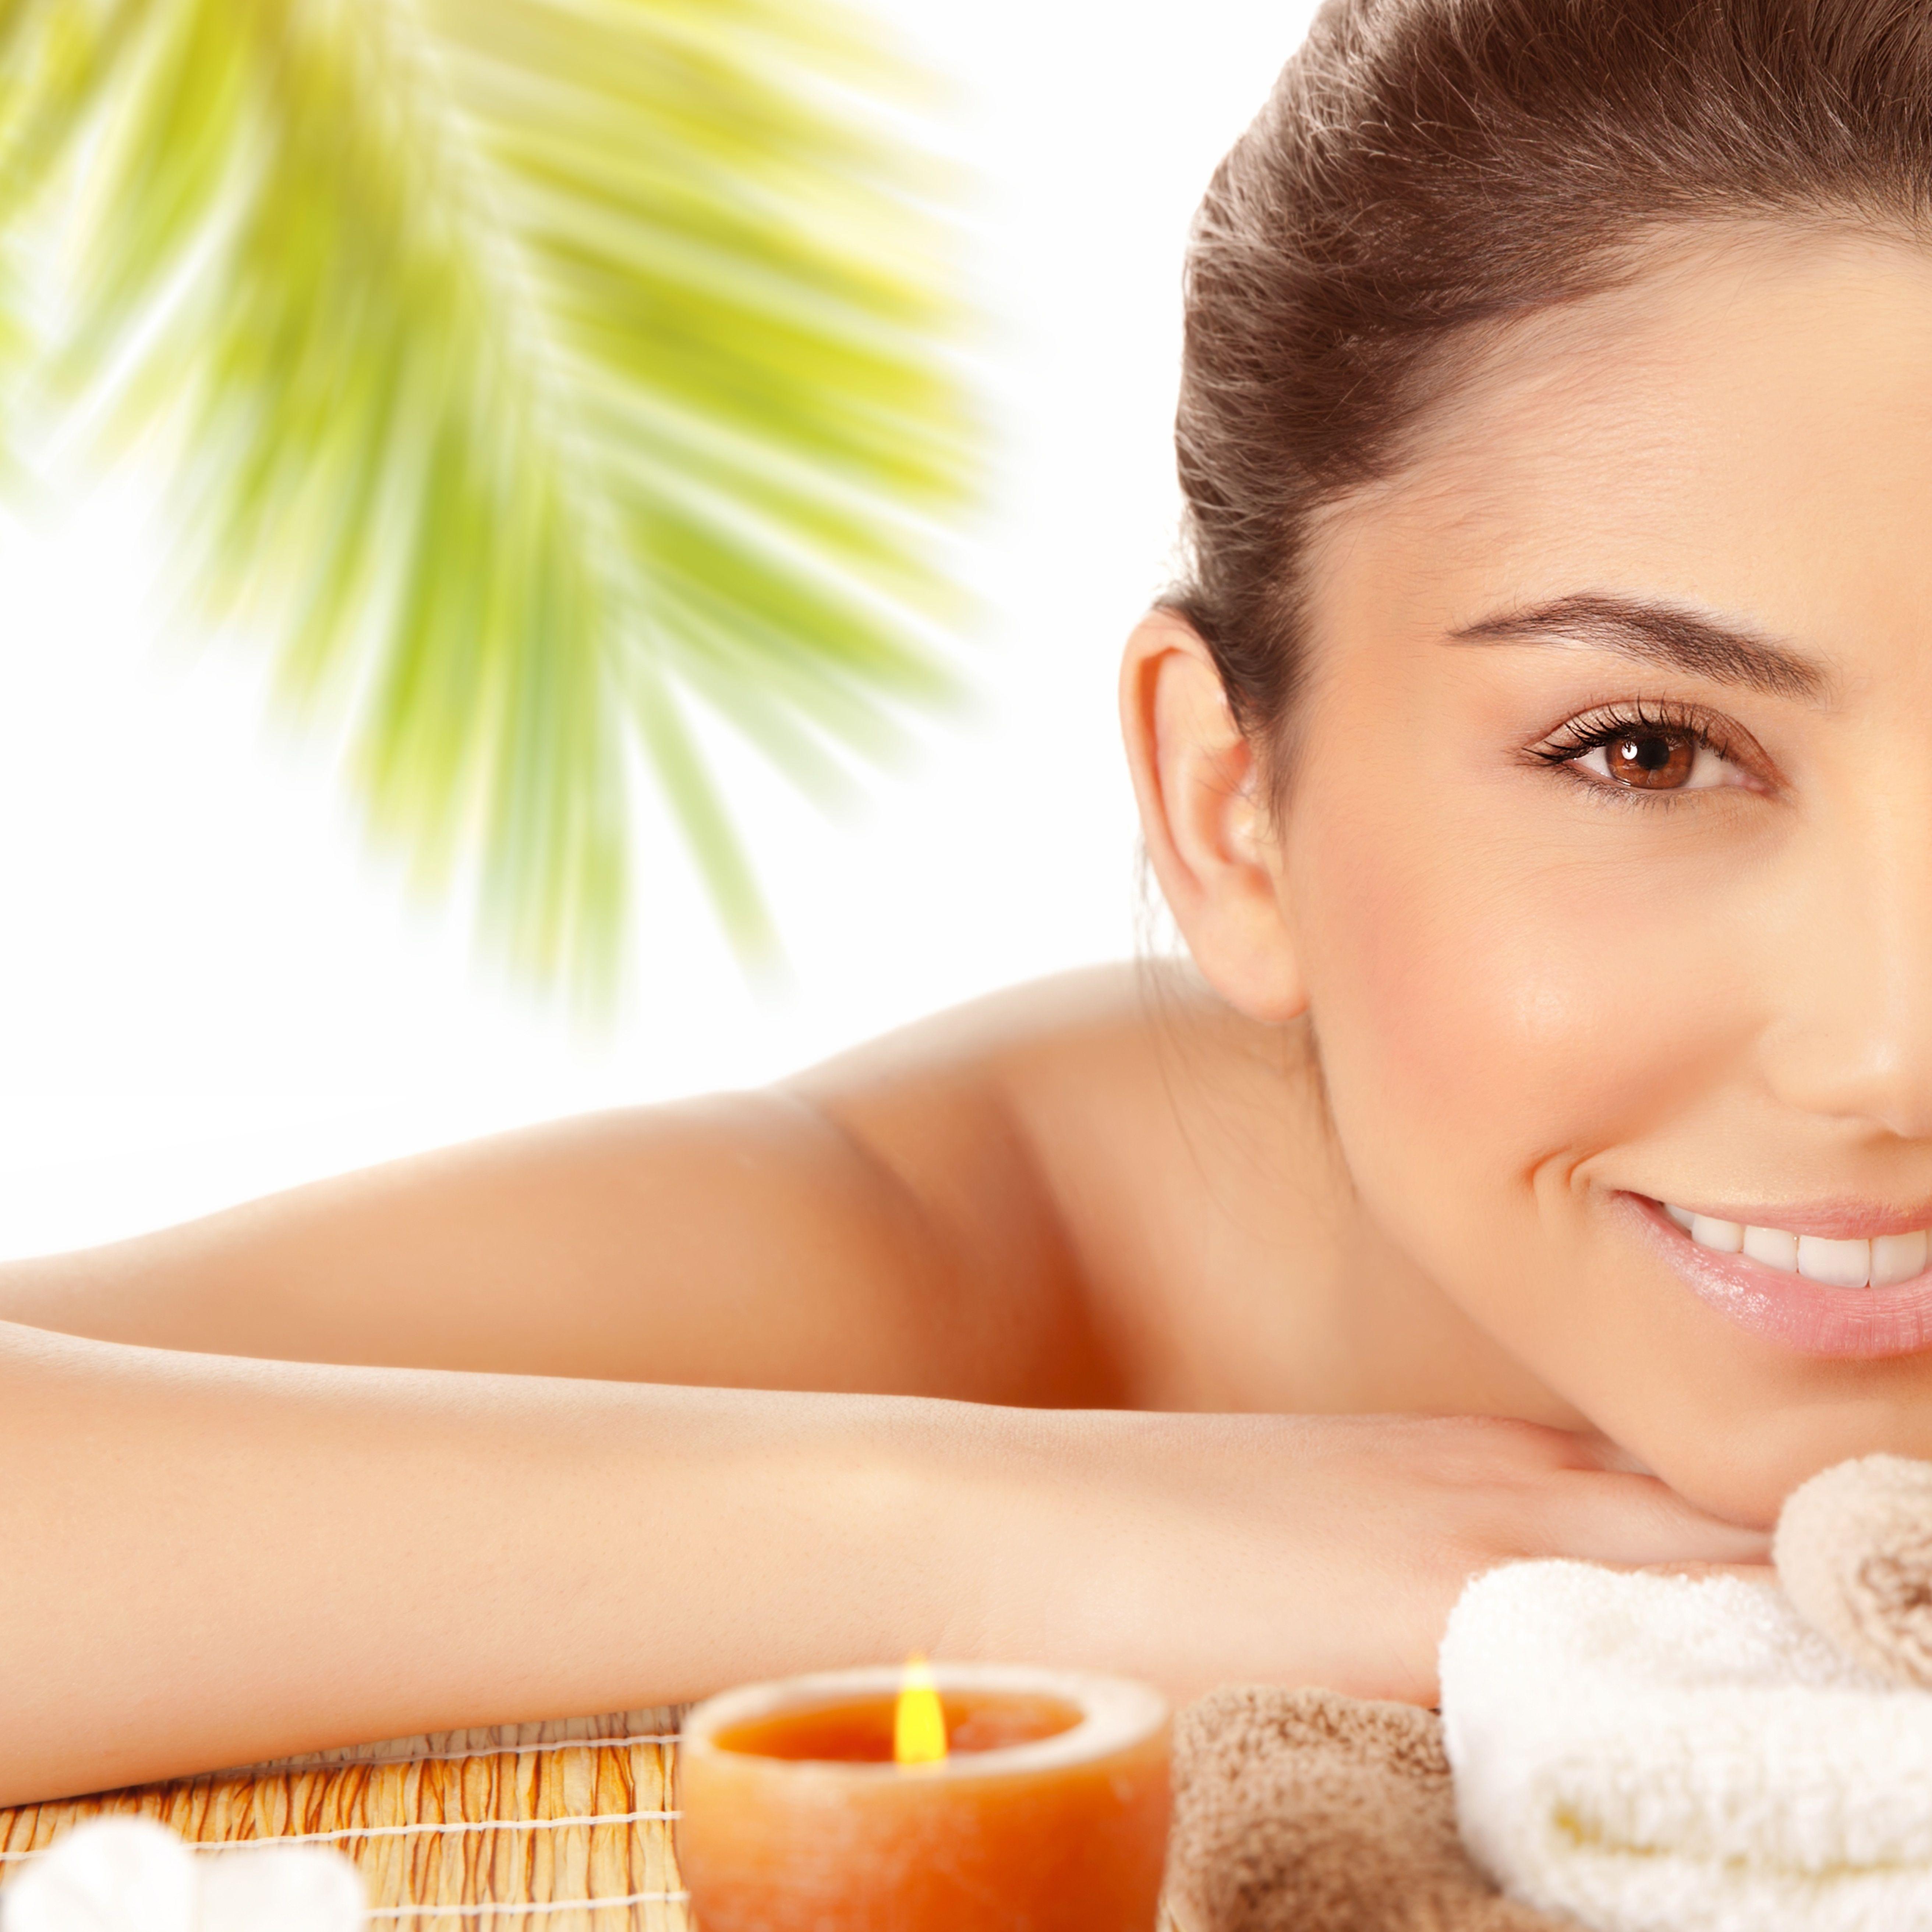 Feszesítés Mezoterápiával - Mesoter - Tegoder Cosmetics